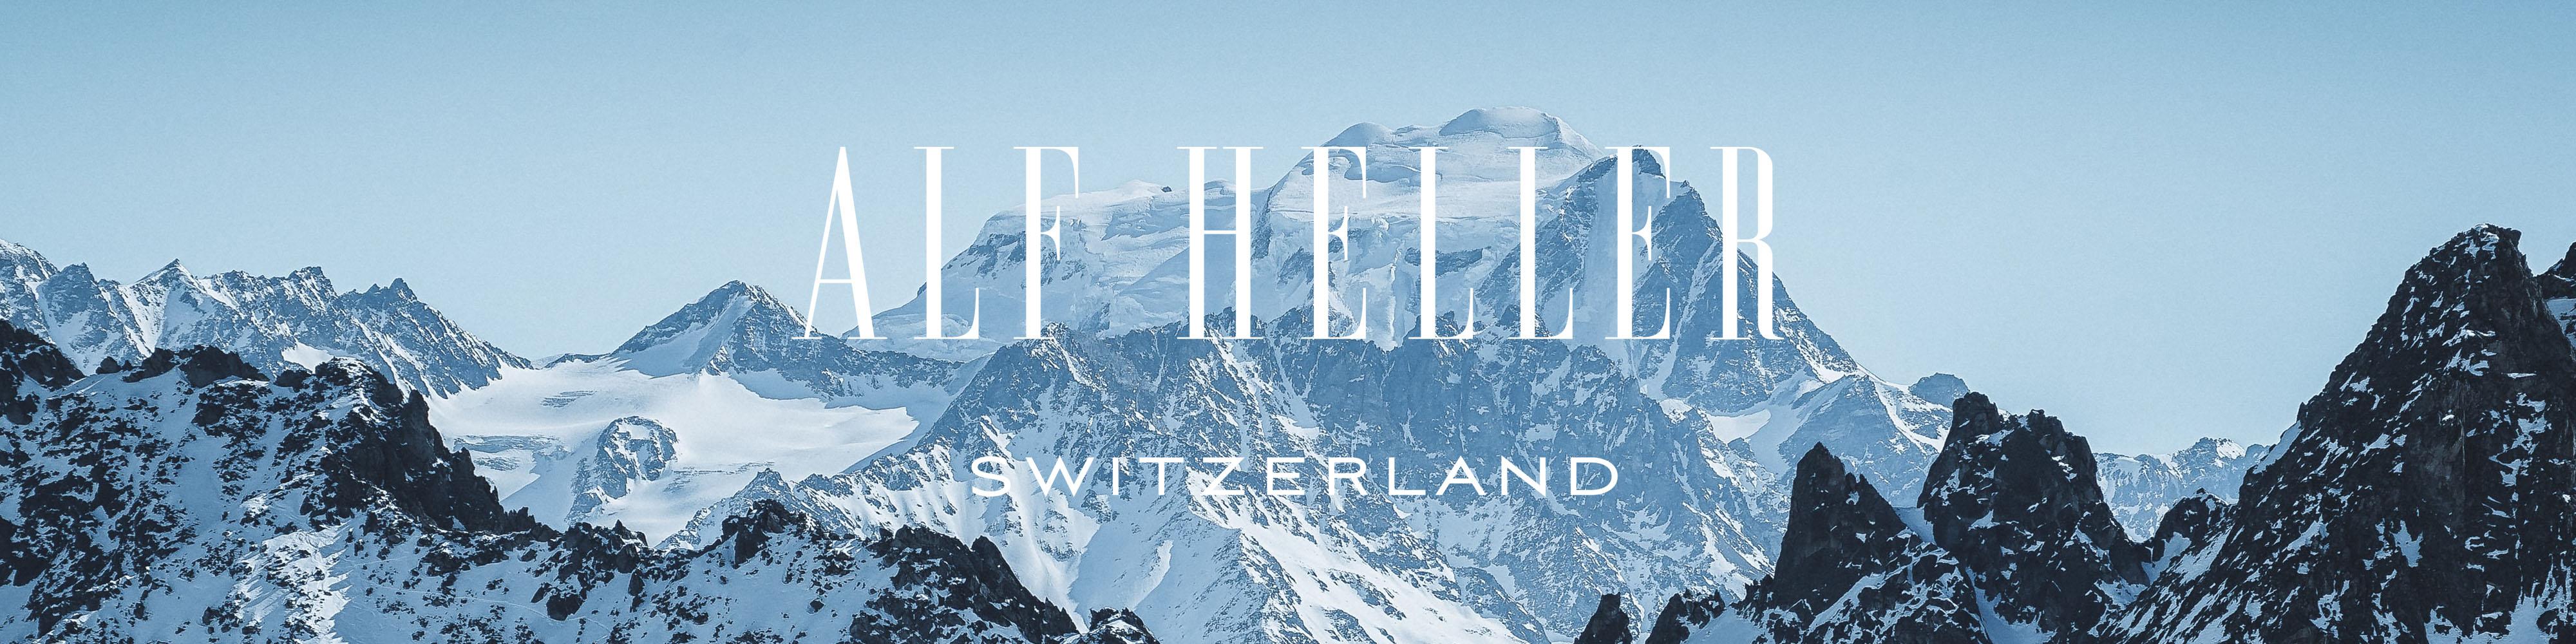 Alf Heller Switzerland